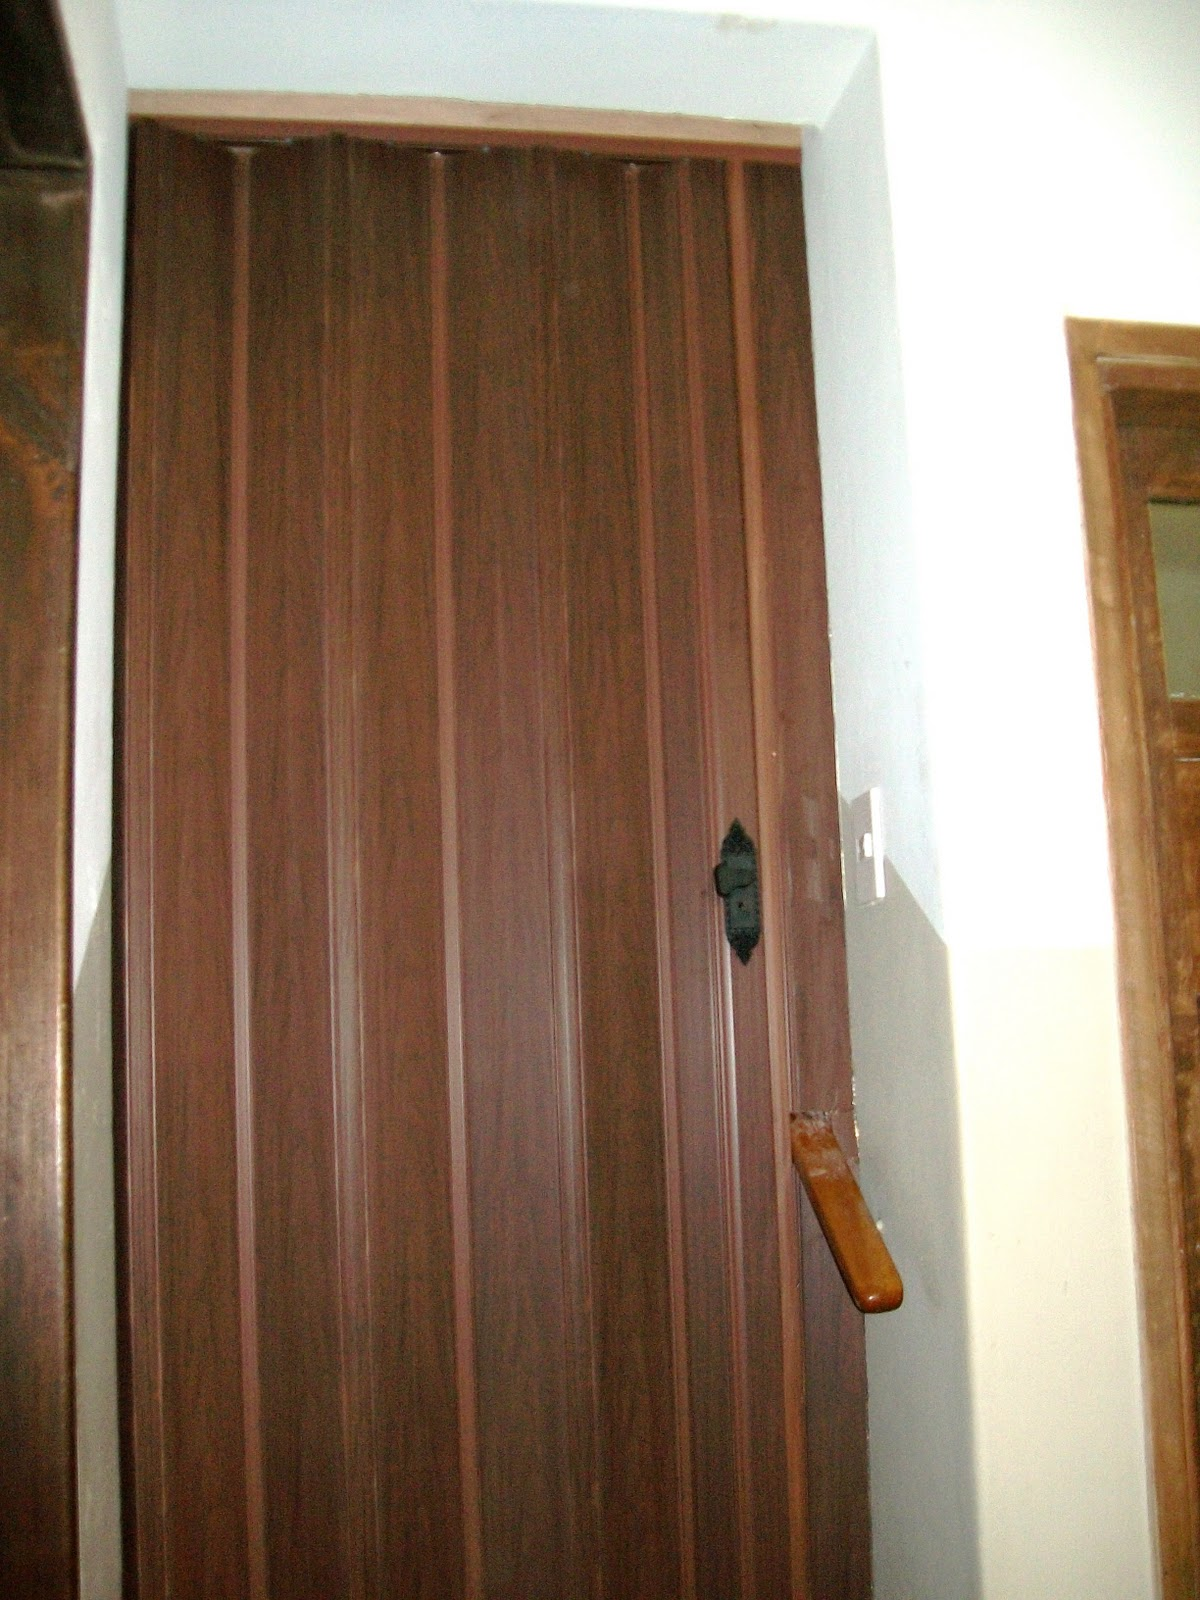 Percinas y servicios puertas plegables - Puertas plegables madera ...